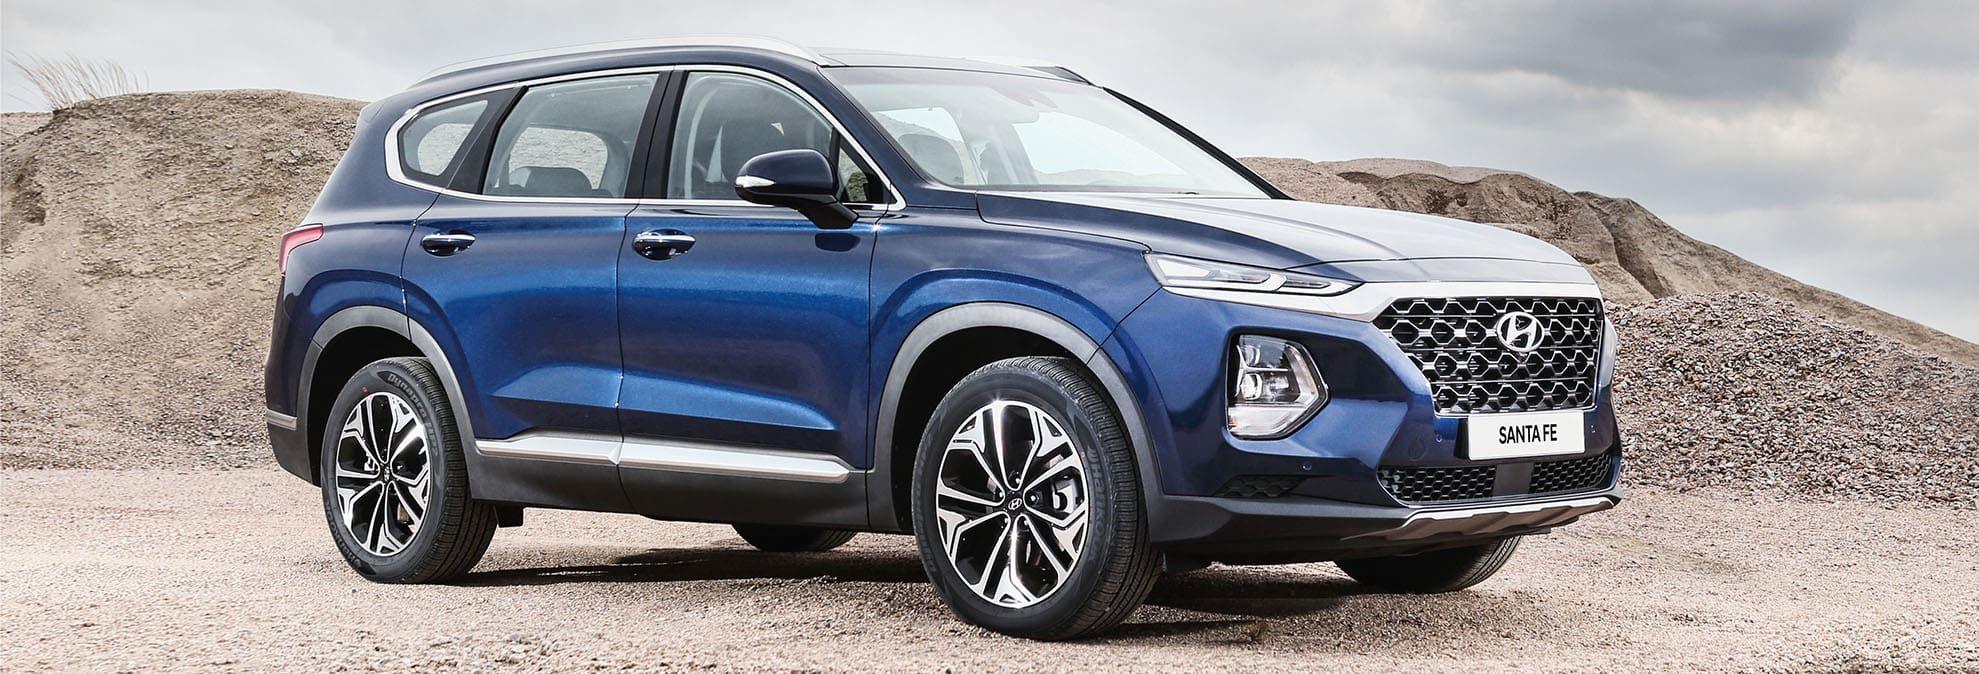 2019 Hyundai Santa Fe Gets A Major Makeover Hyundai Santa Fe Sports Cars Hyundai